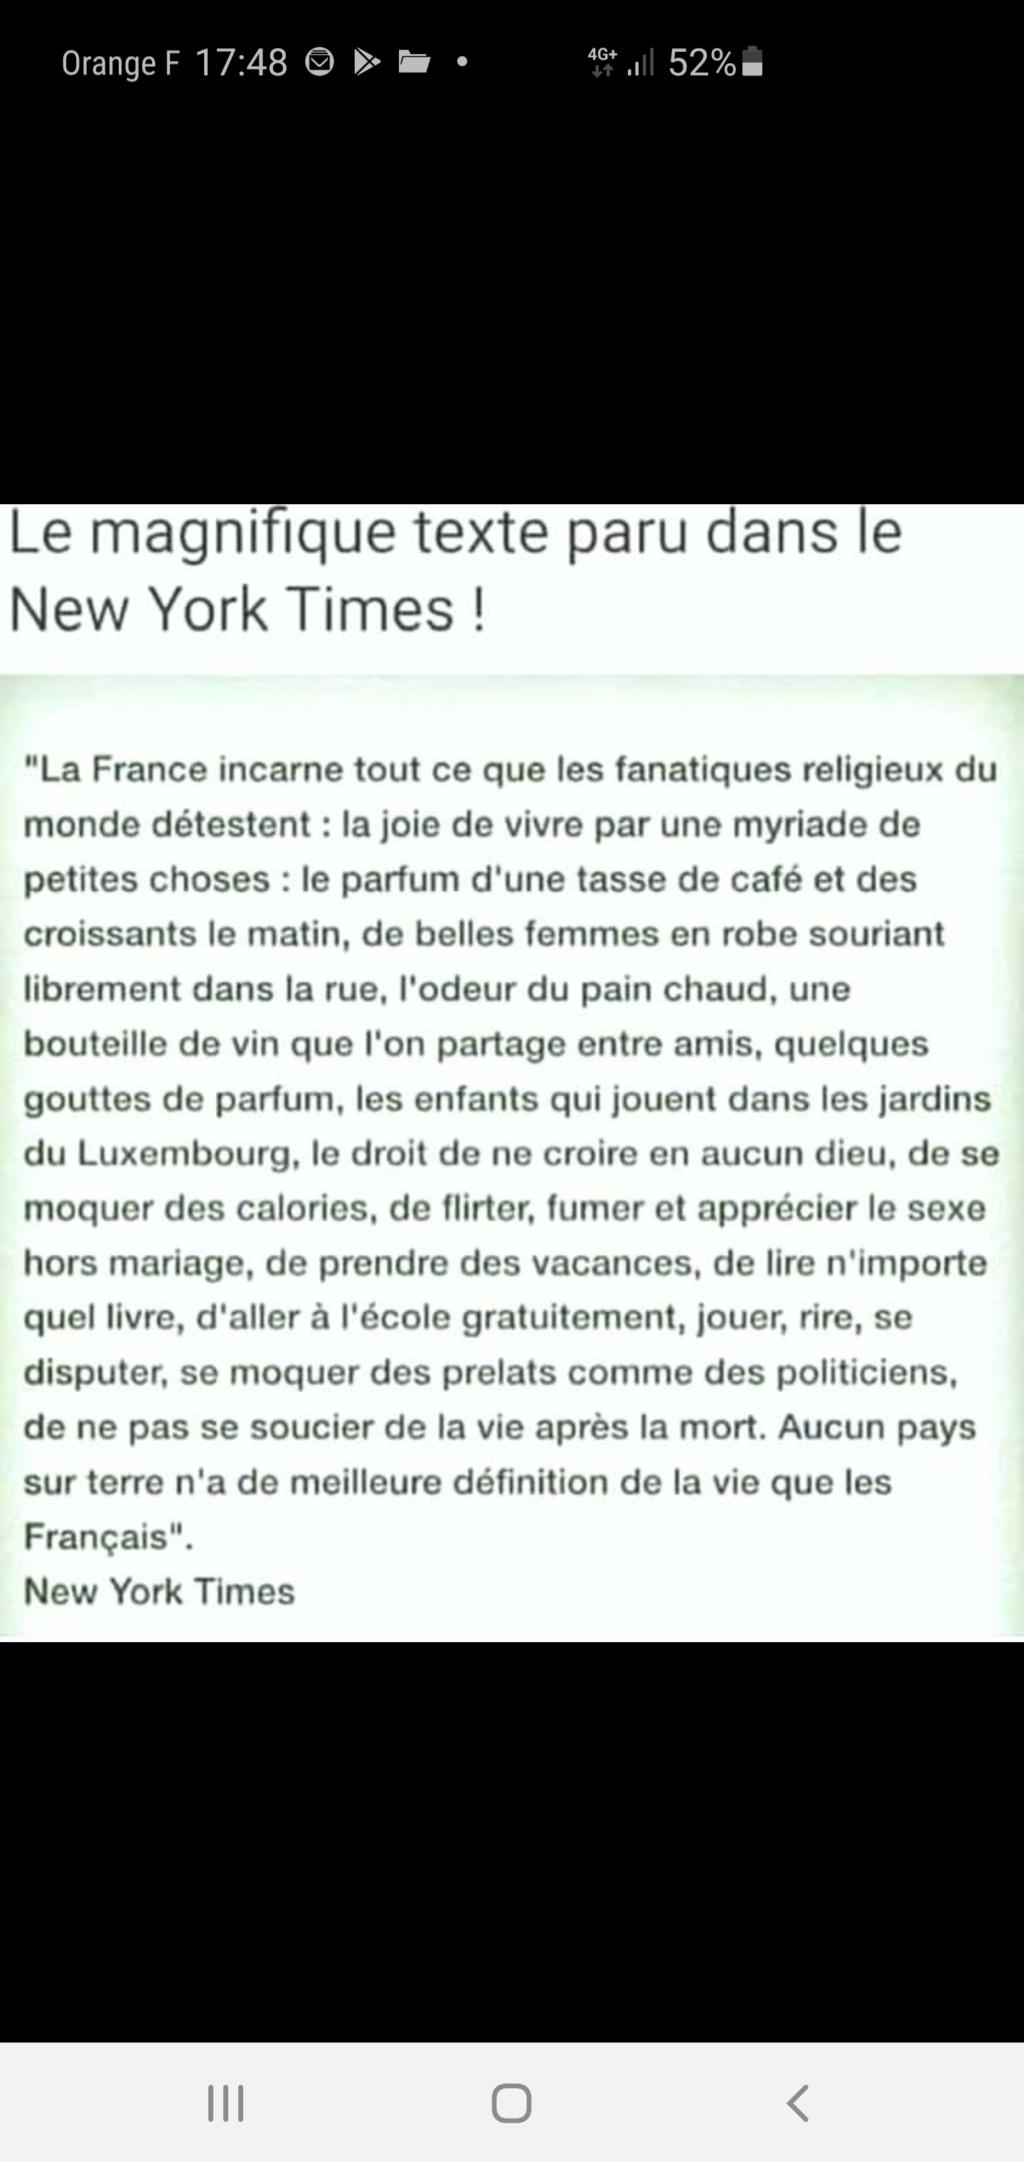 Ce que pense le New York TIMES de la France Screen29